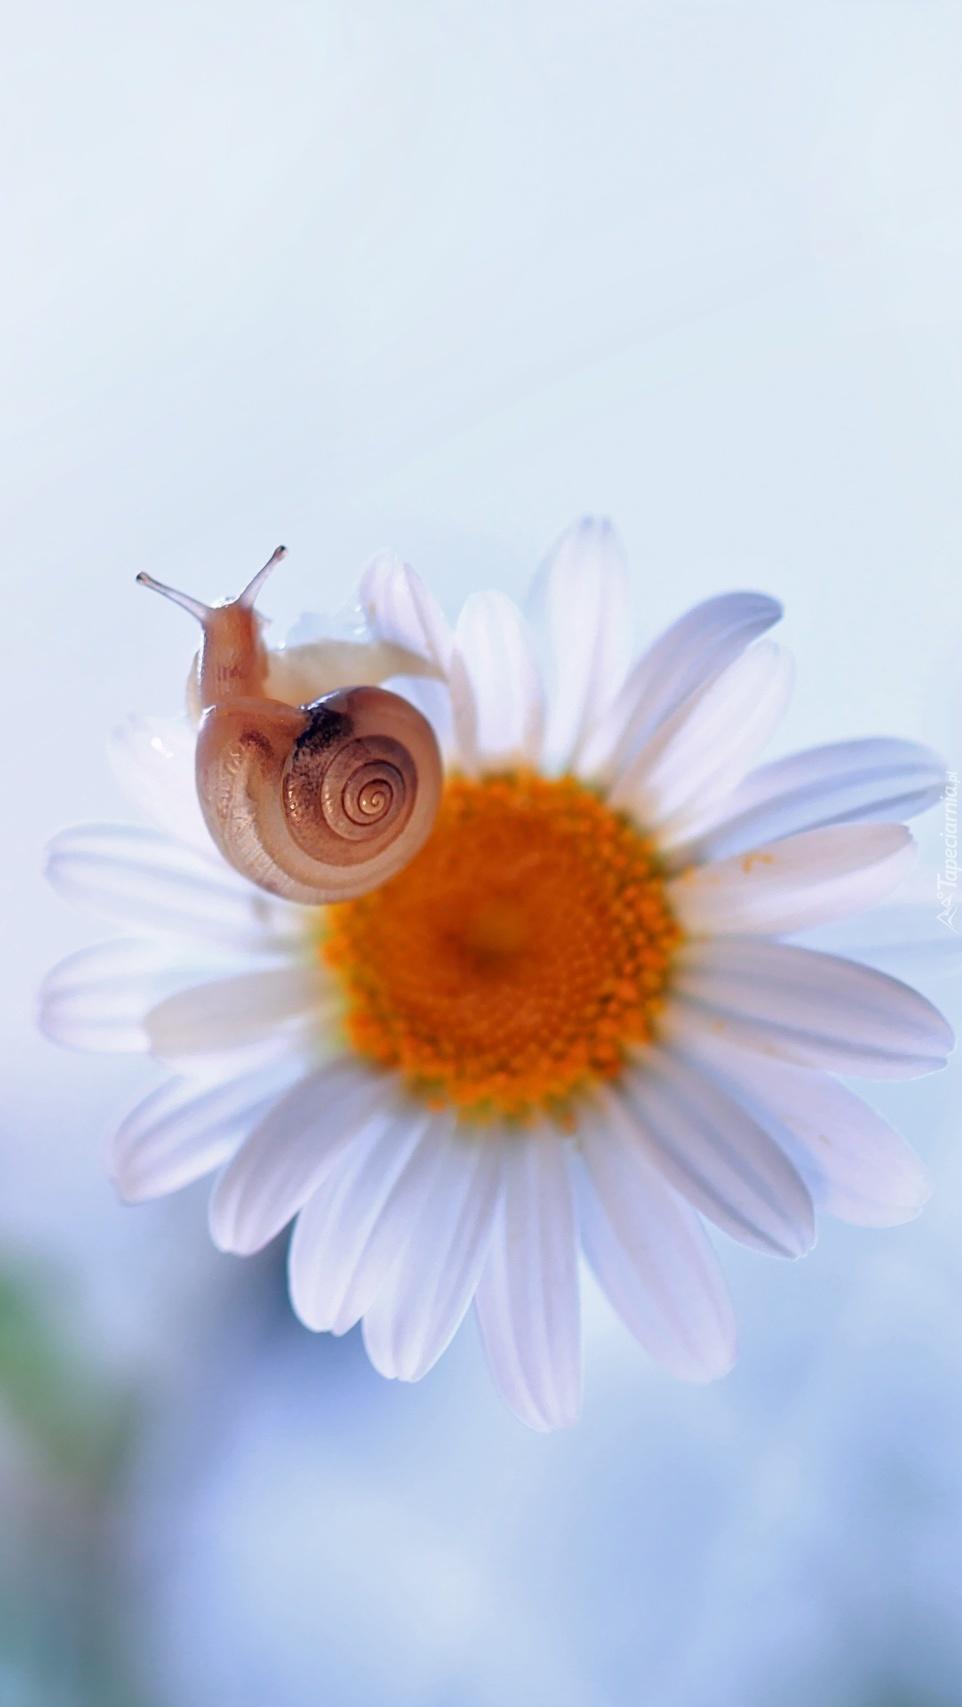 Ślimak w odwiedzinach u kwiatka